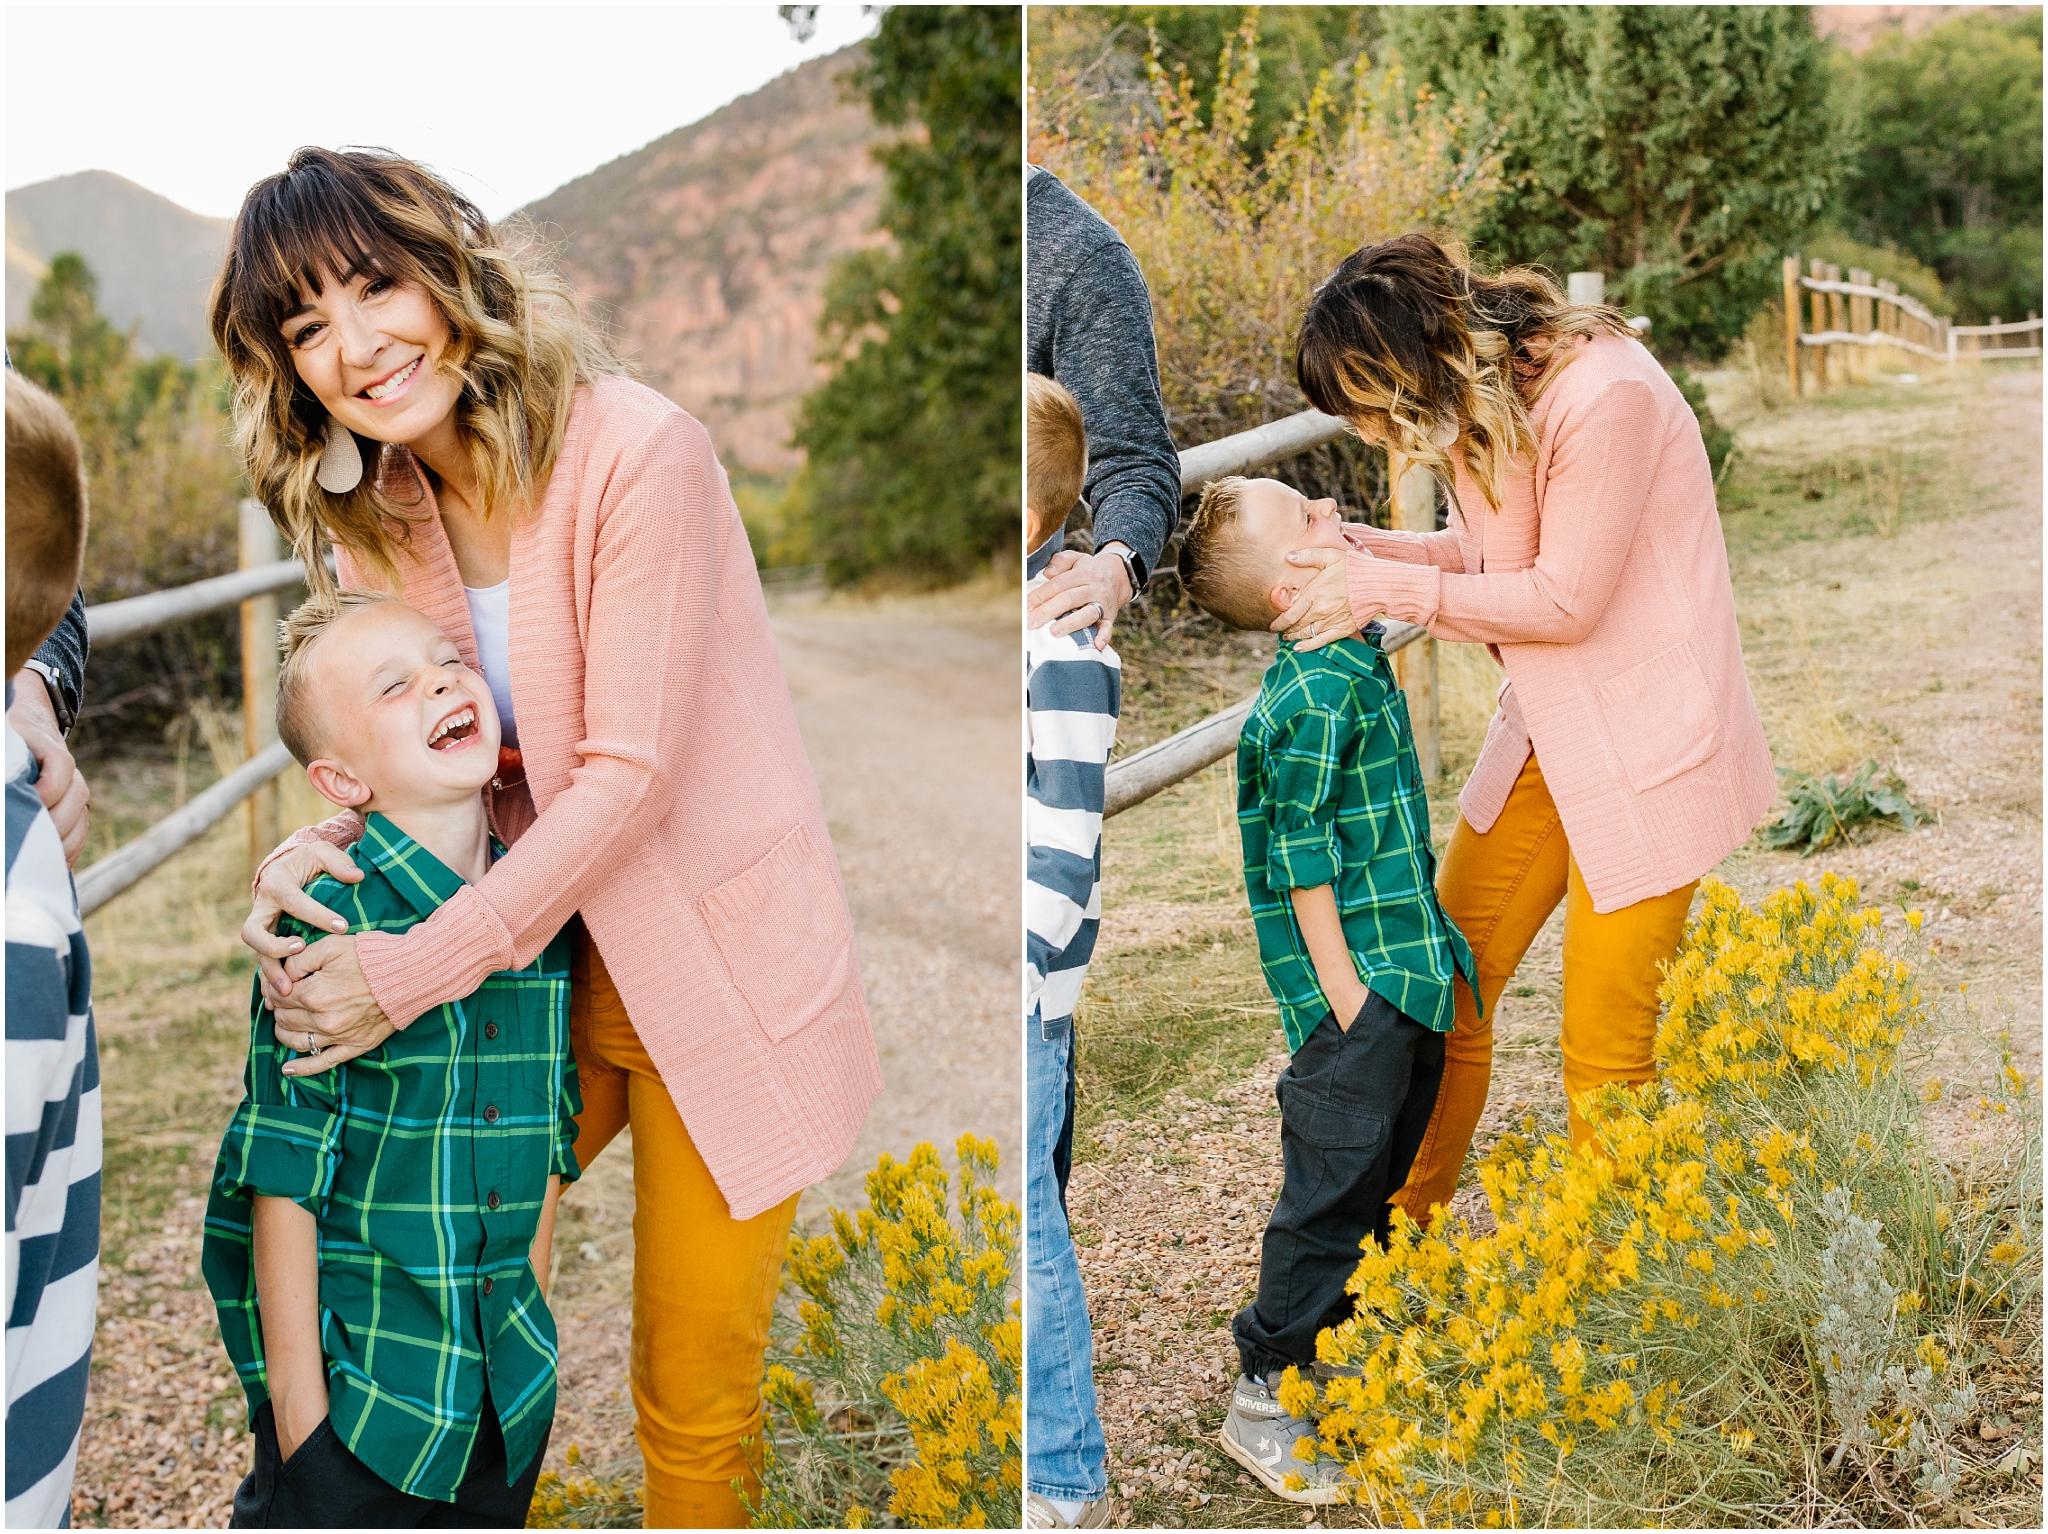 CominMini-56_Lizzie-B-Imagery-Utah-Family-Photographer-Utah-County-Central-Utah-Park-City-Salt-Lake-City.jpg